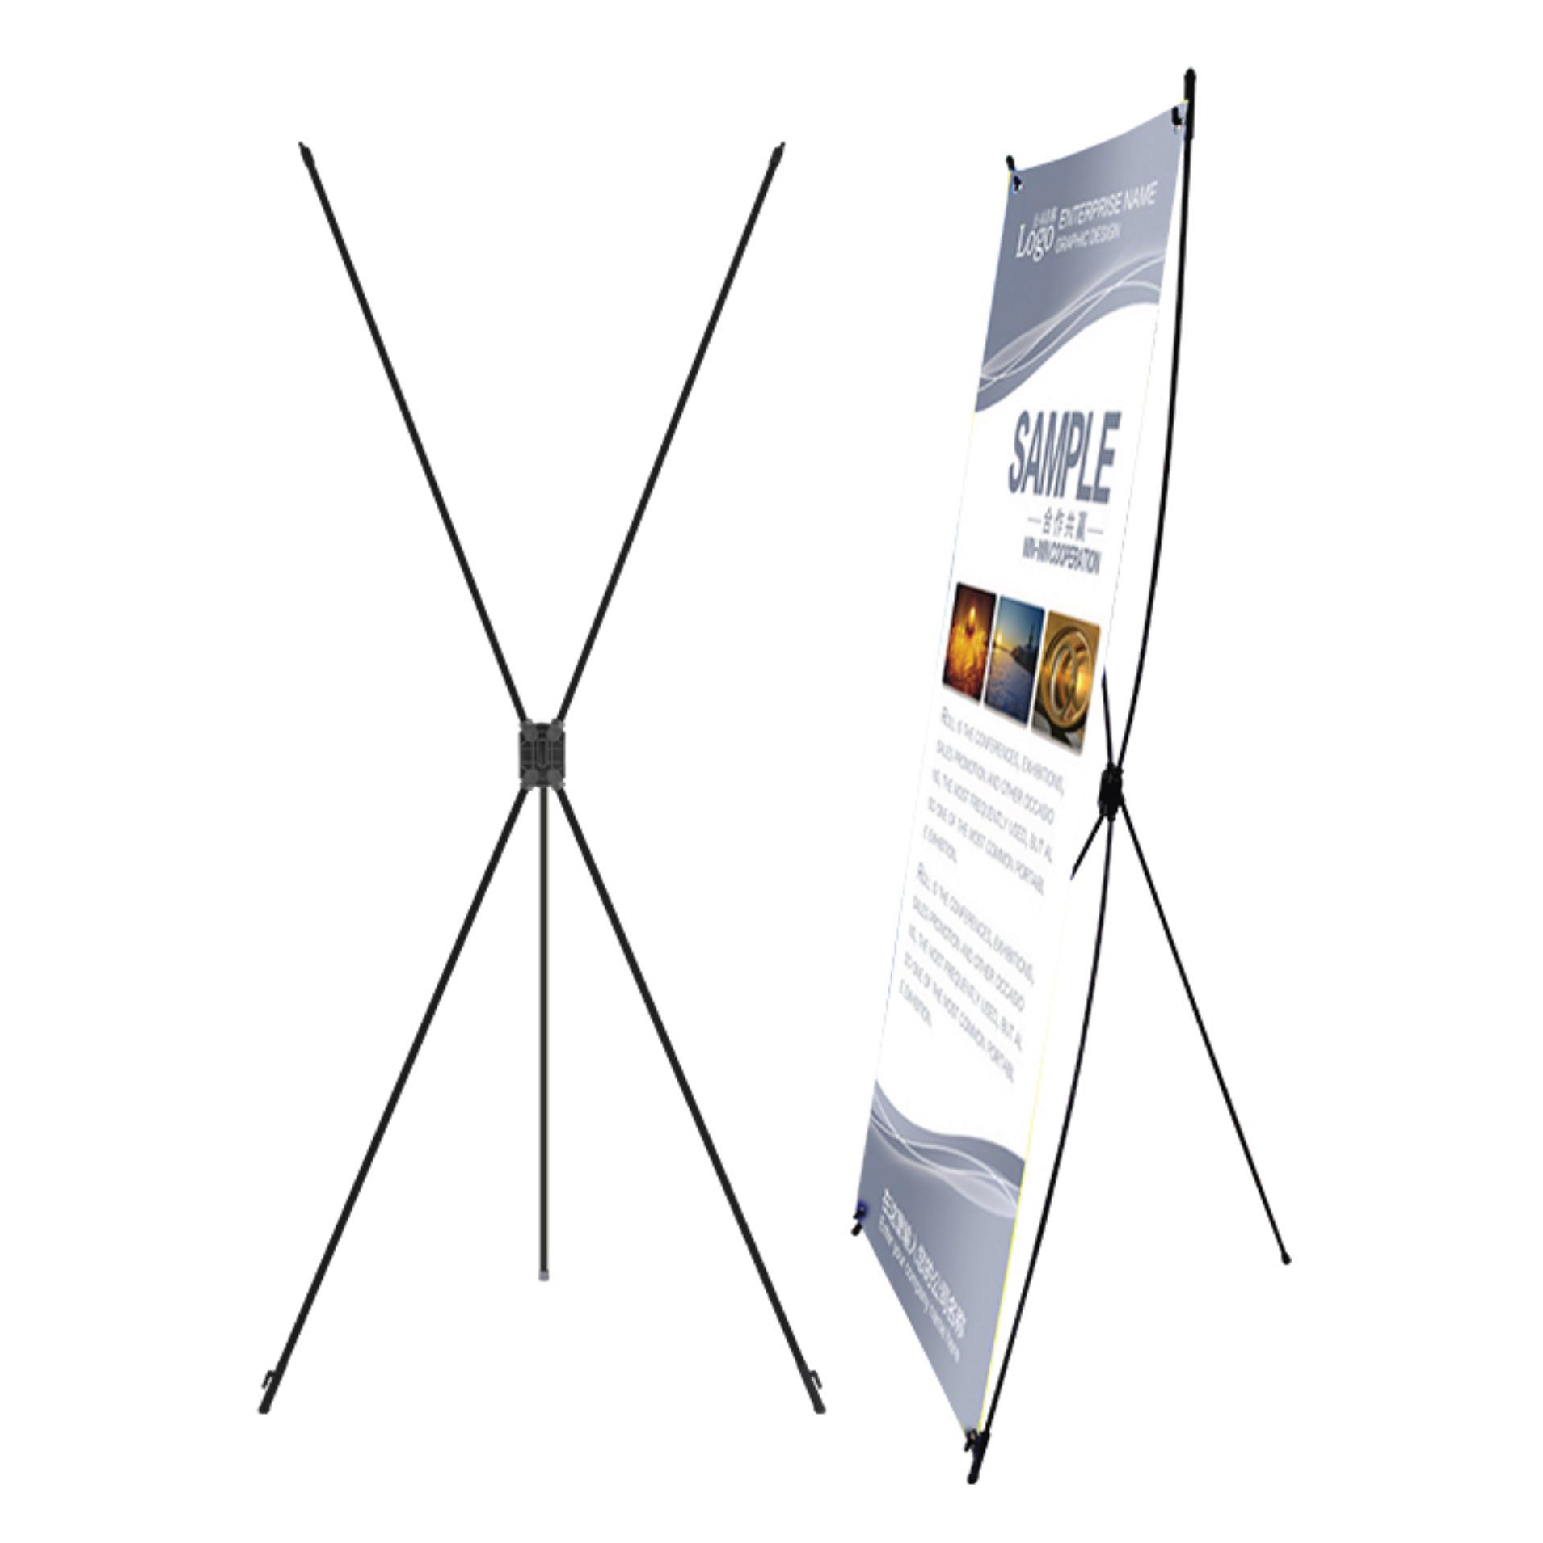 Chân Standee X 0.8x1.8m